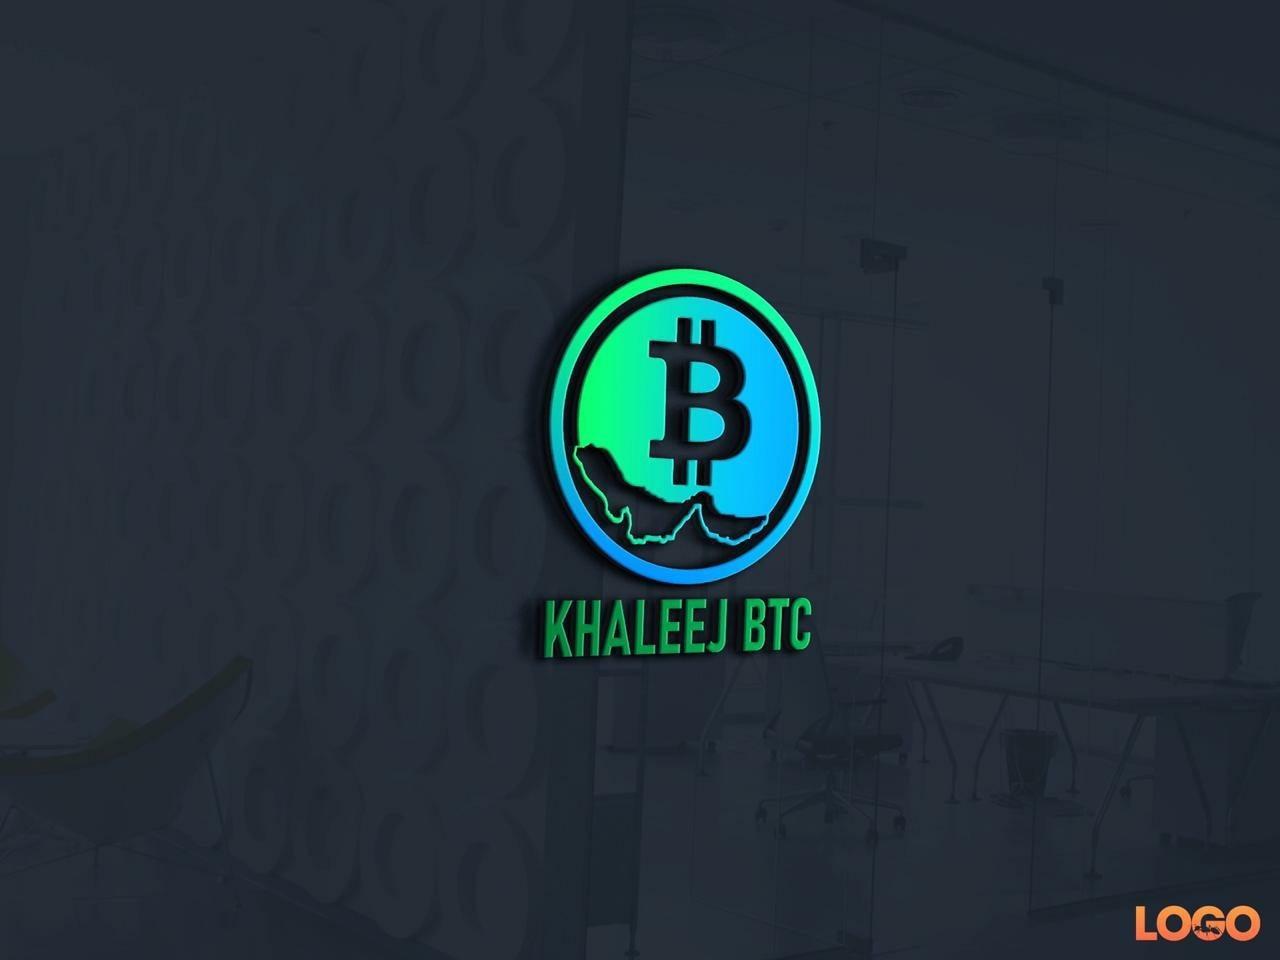 https://www.khaleejbtc.com/